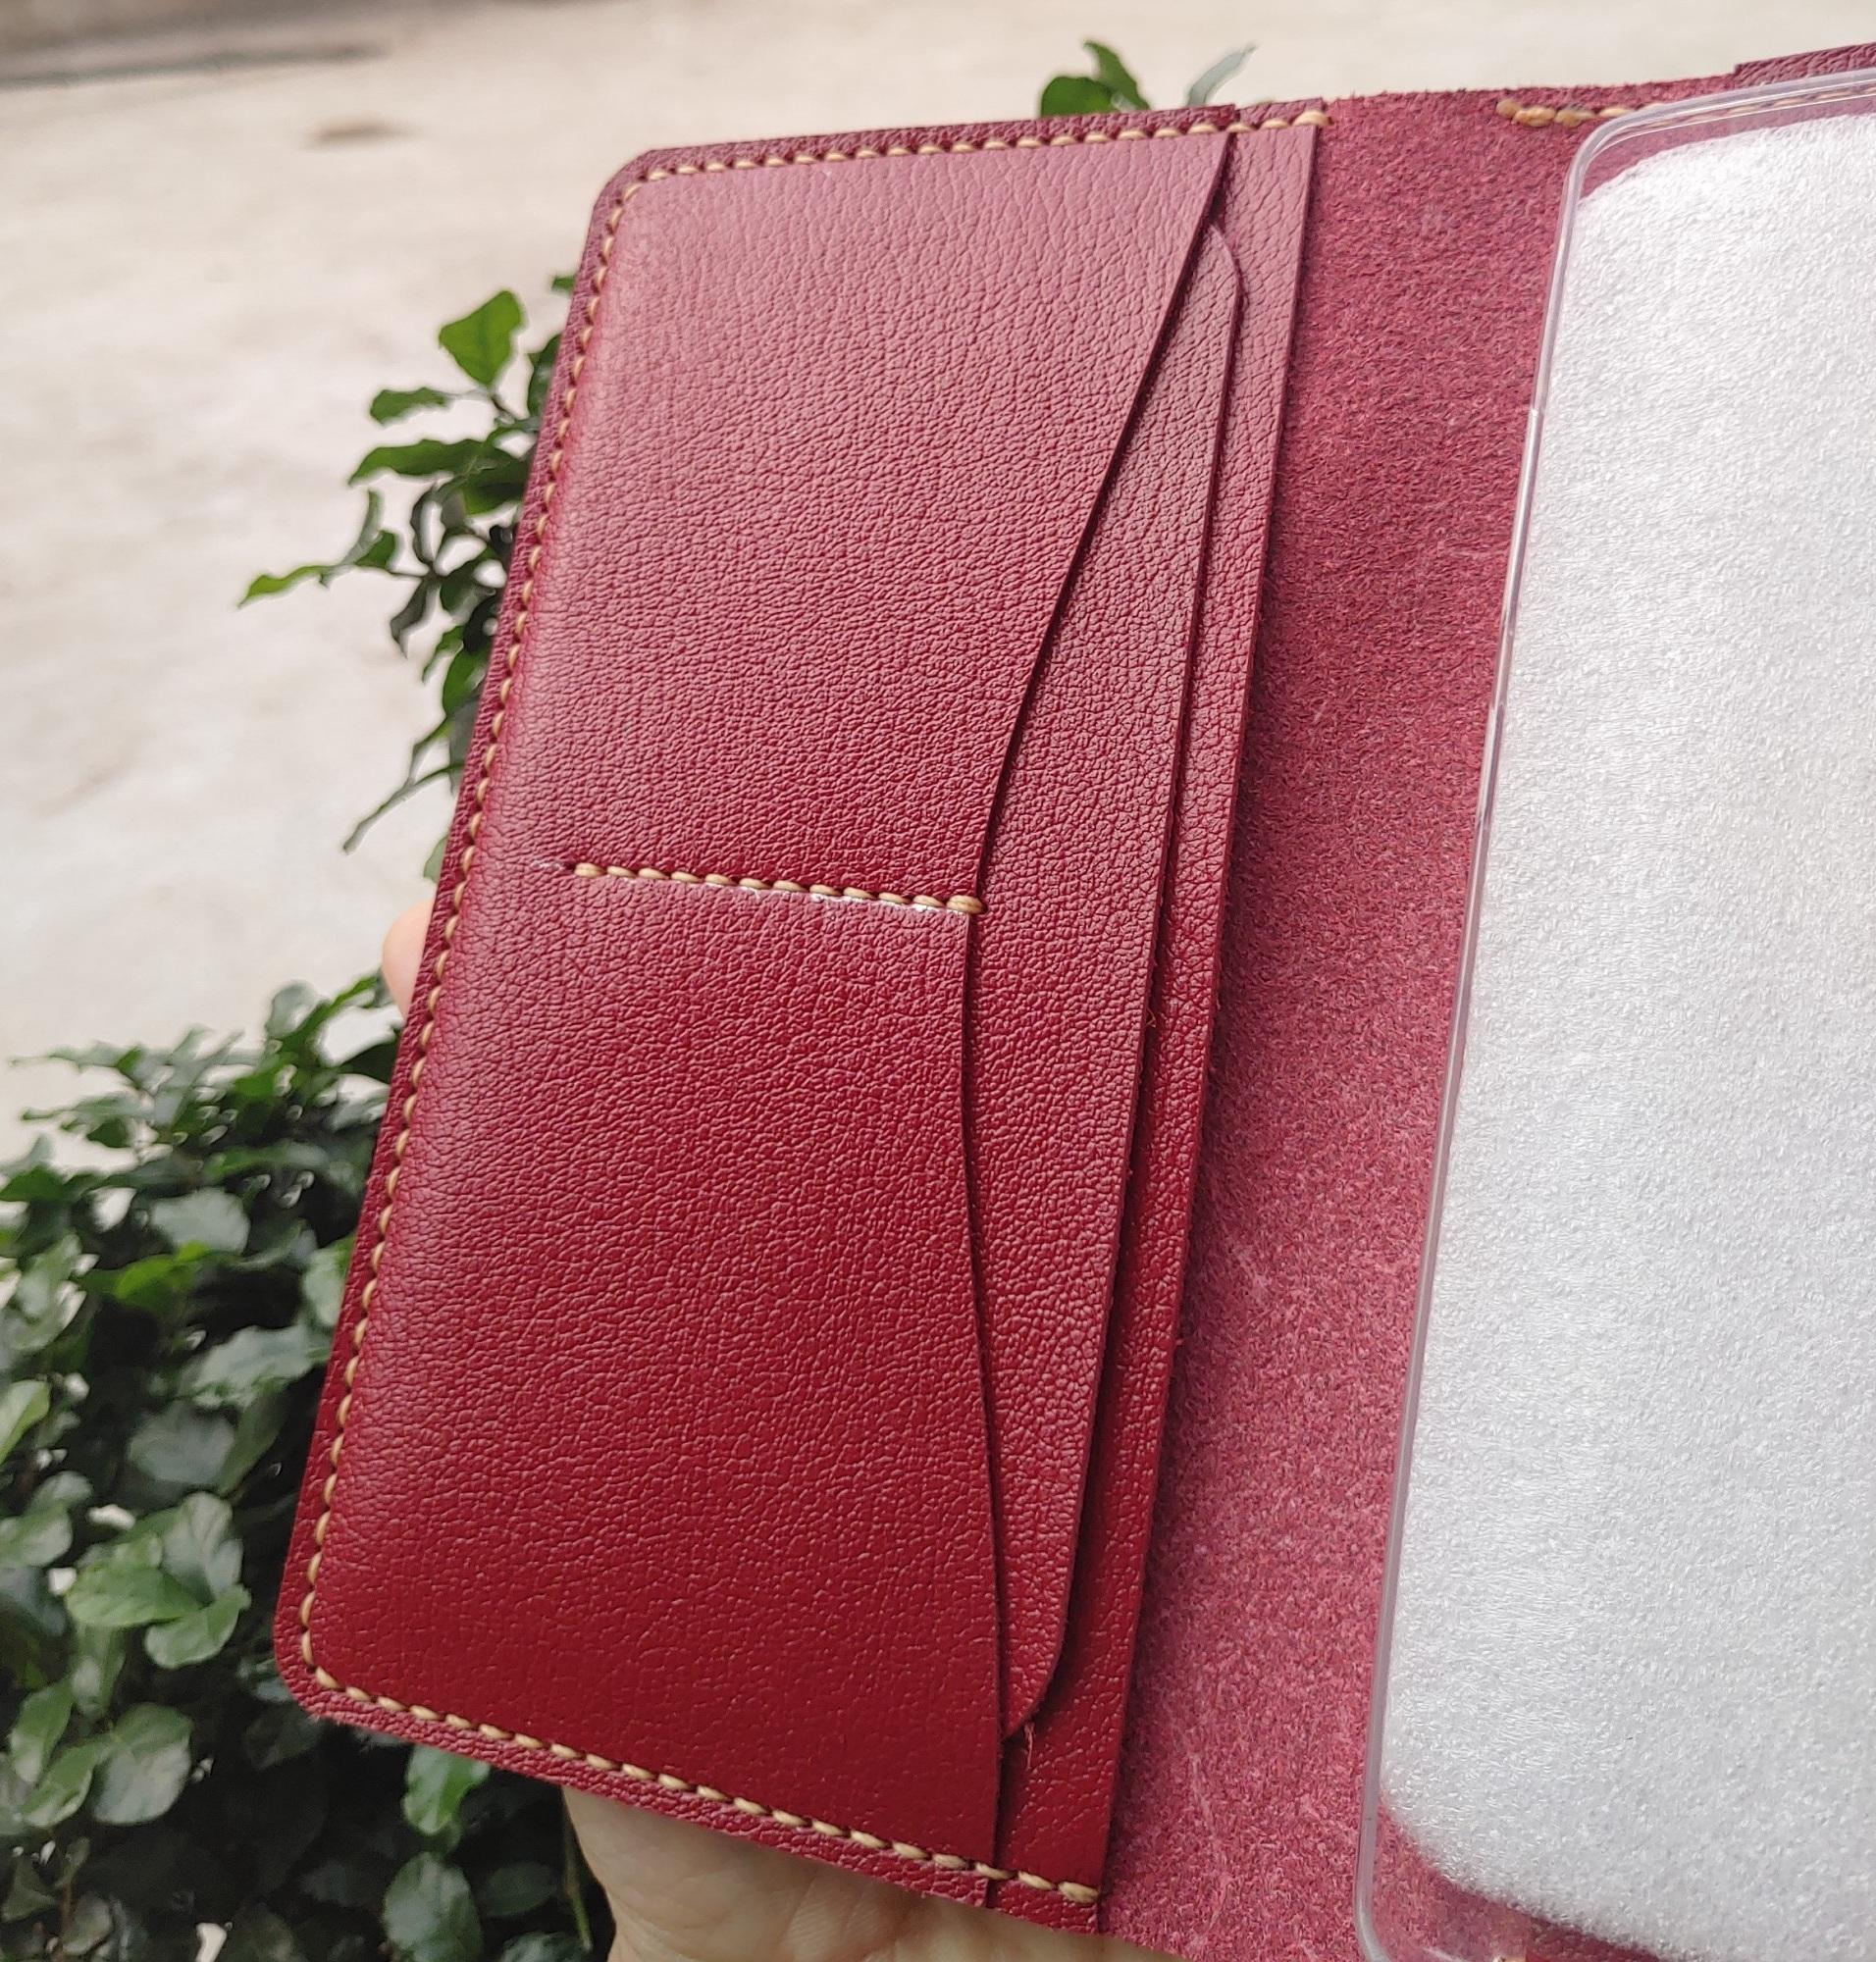 Bao da kiêm ốp lưng và ví cầm tay cho điện thoại samsung galaxy Note 8-5